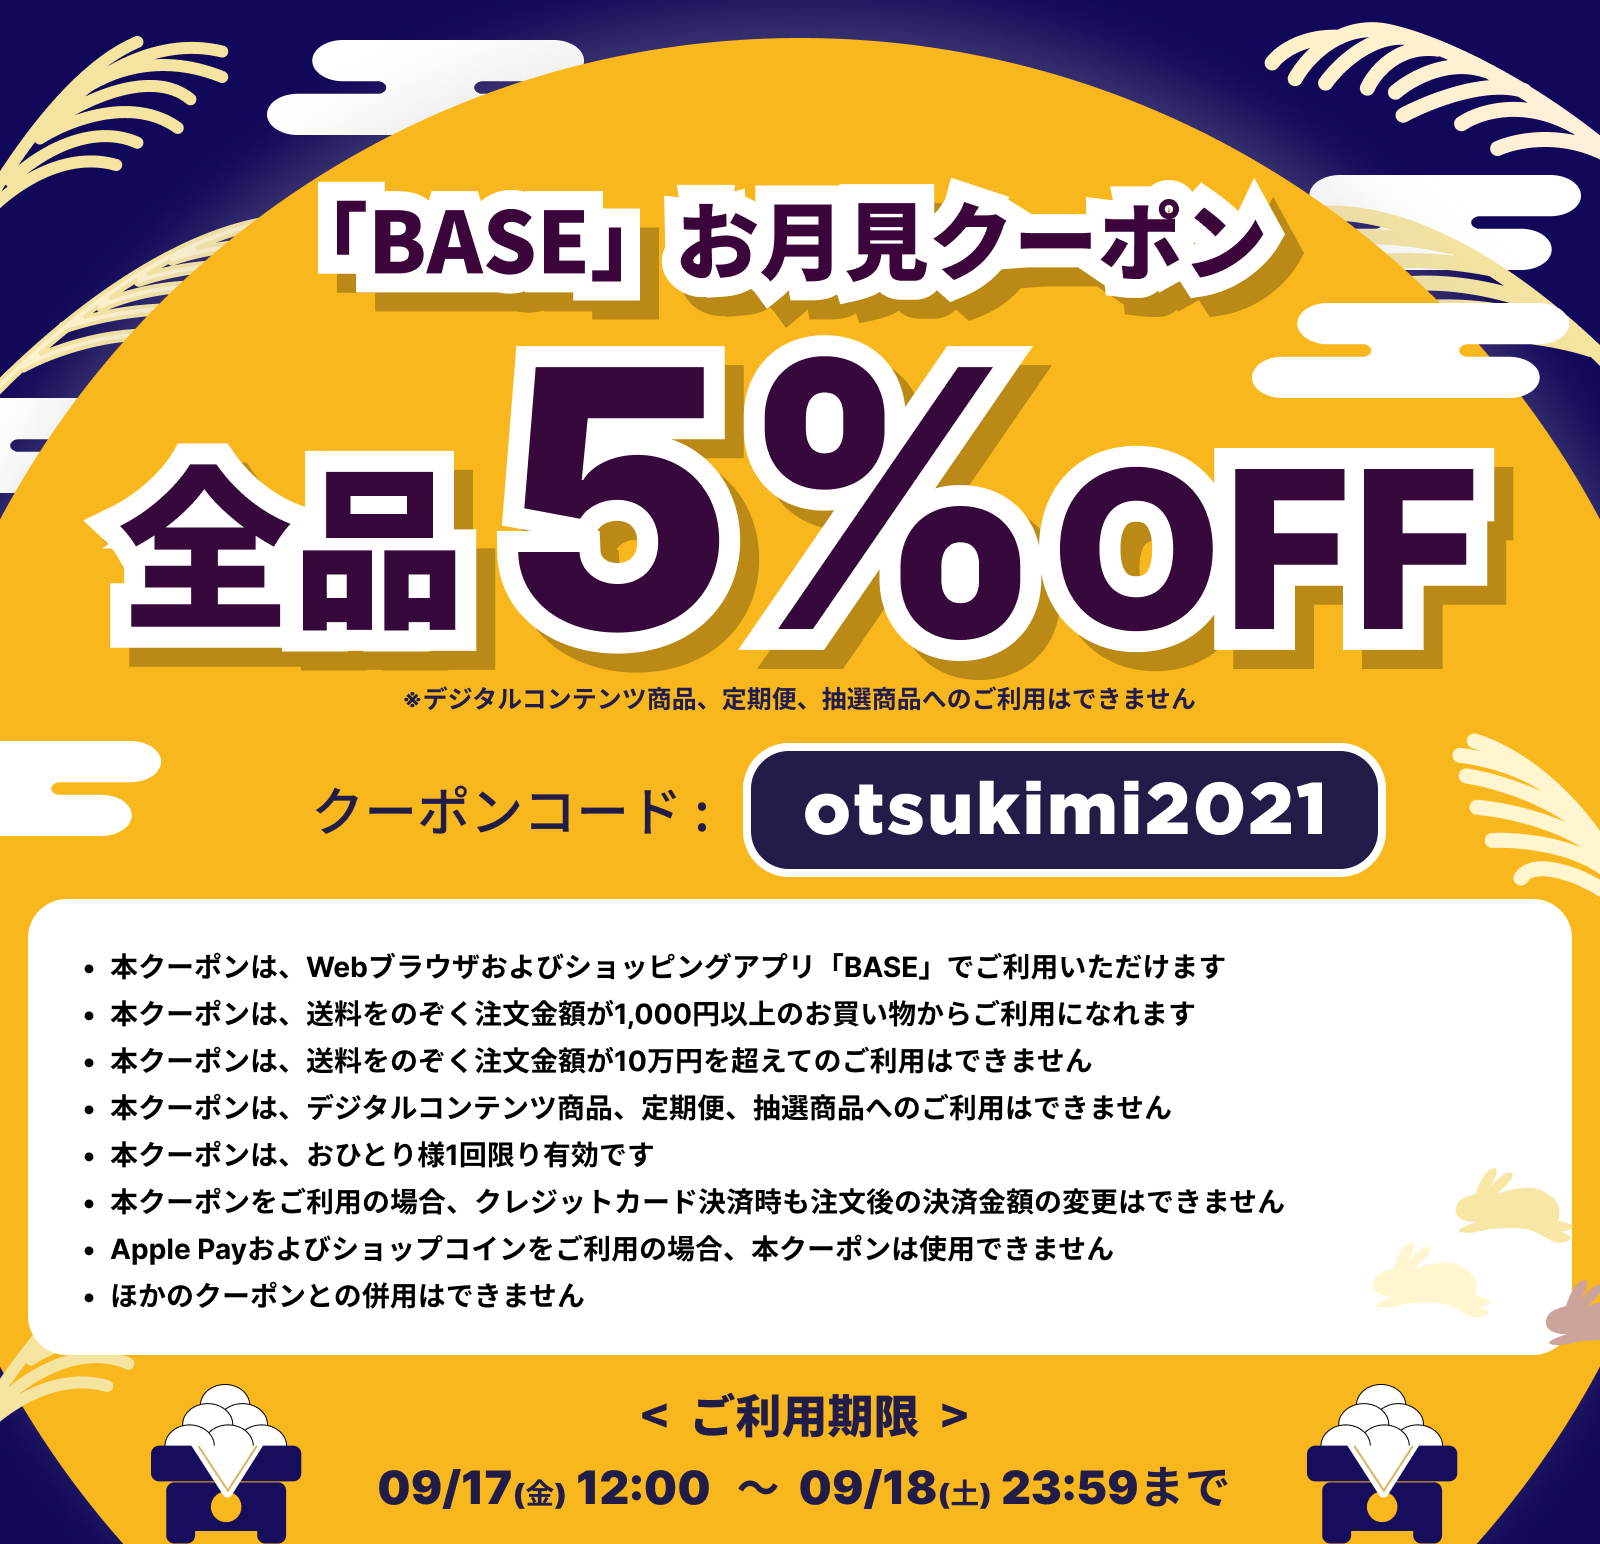 【9/17・18 期間限定】BASE5%OFFクーポン